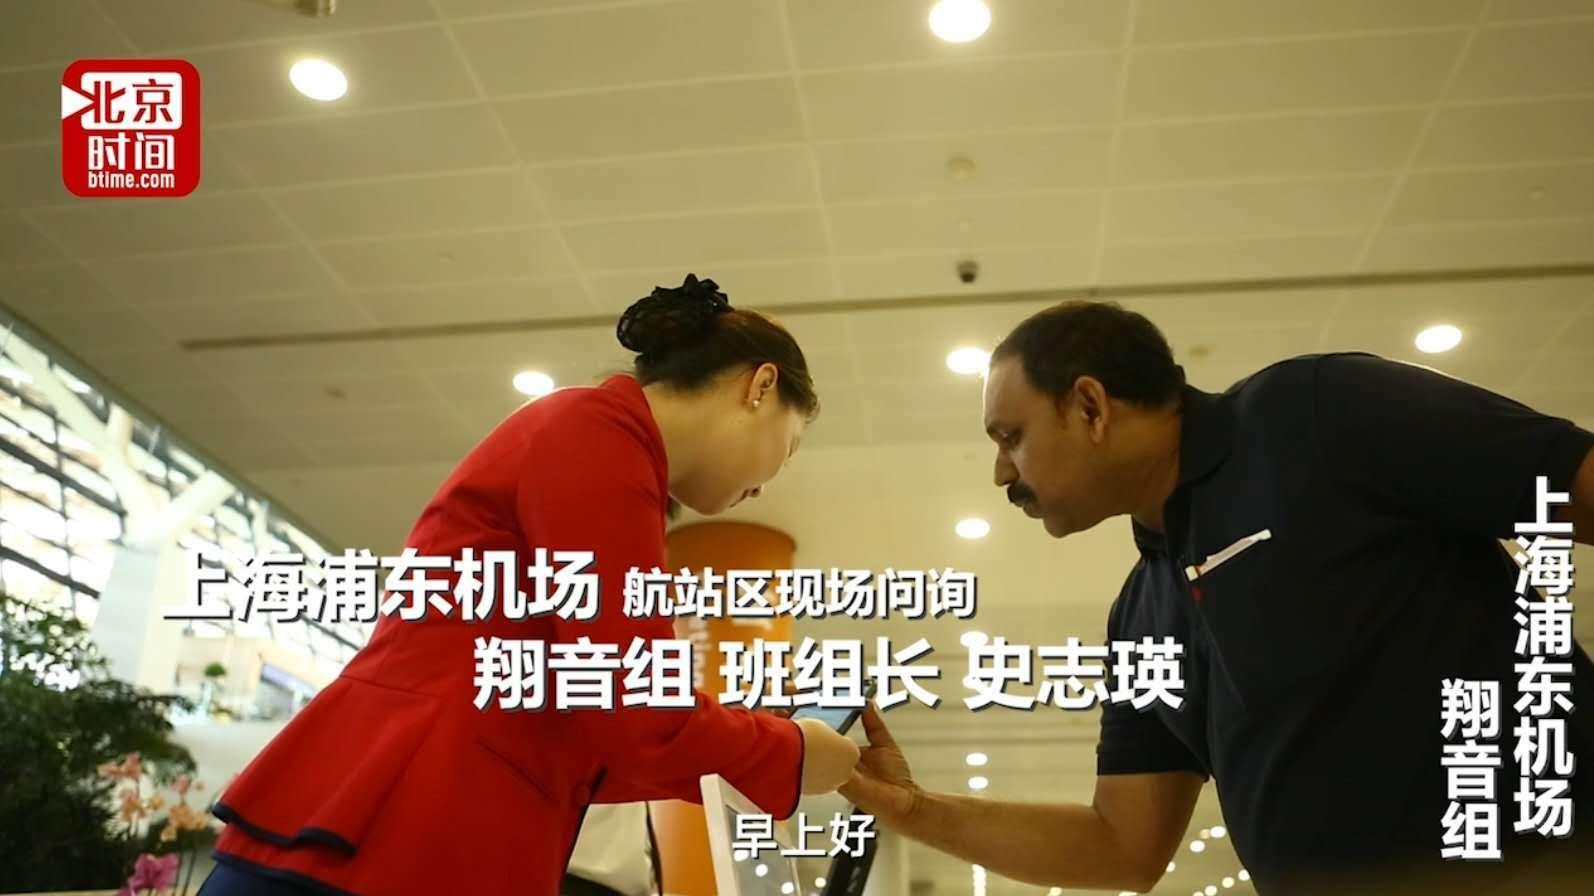 每天被问1000次,浦东机场微笑姐火了